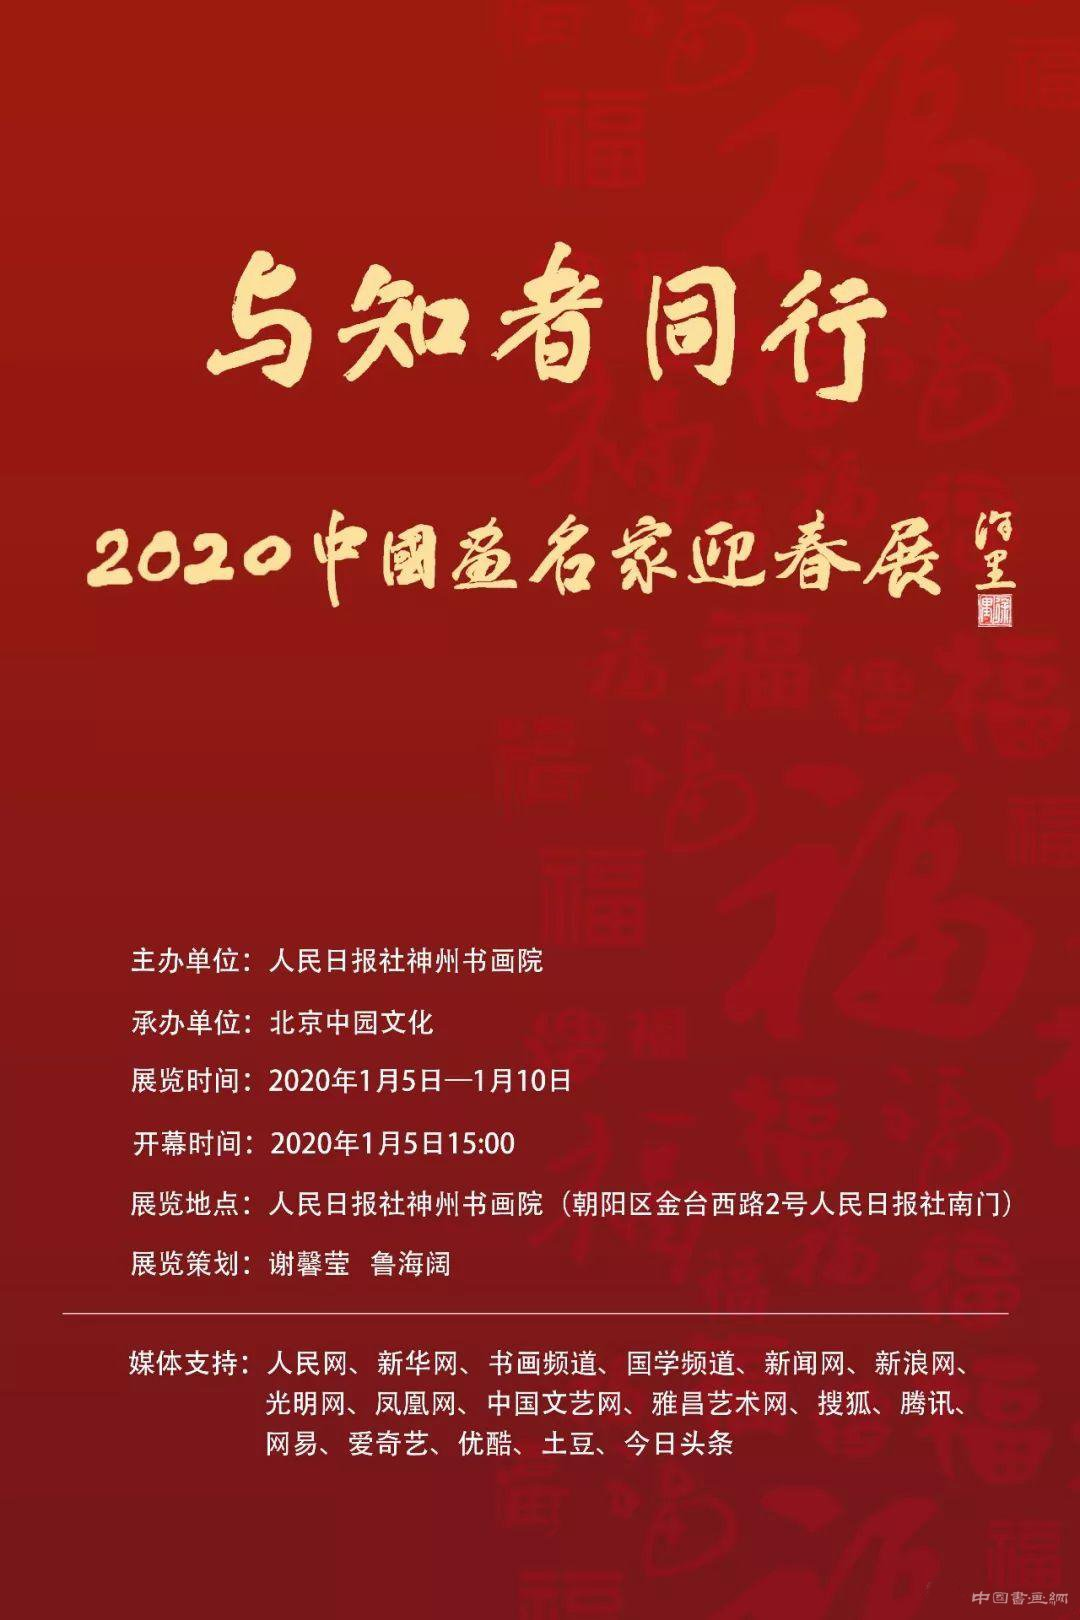 与知者同行——2020中国画名家迎春展